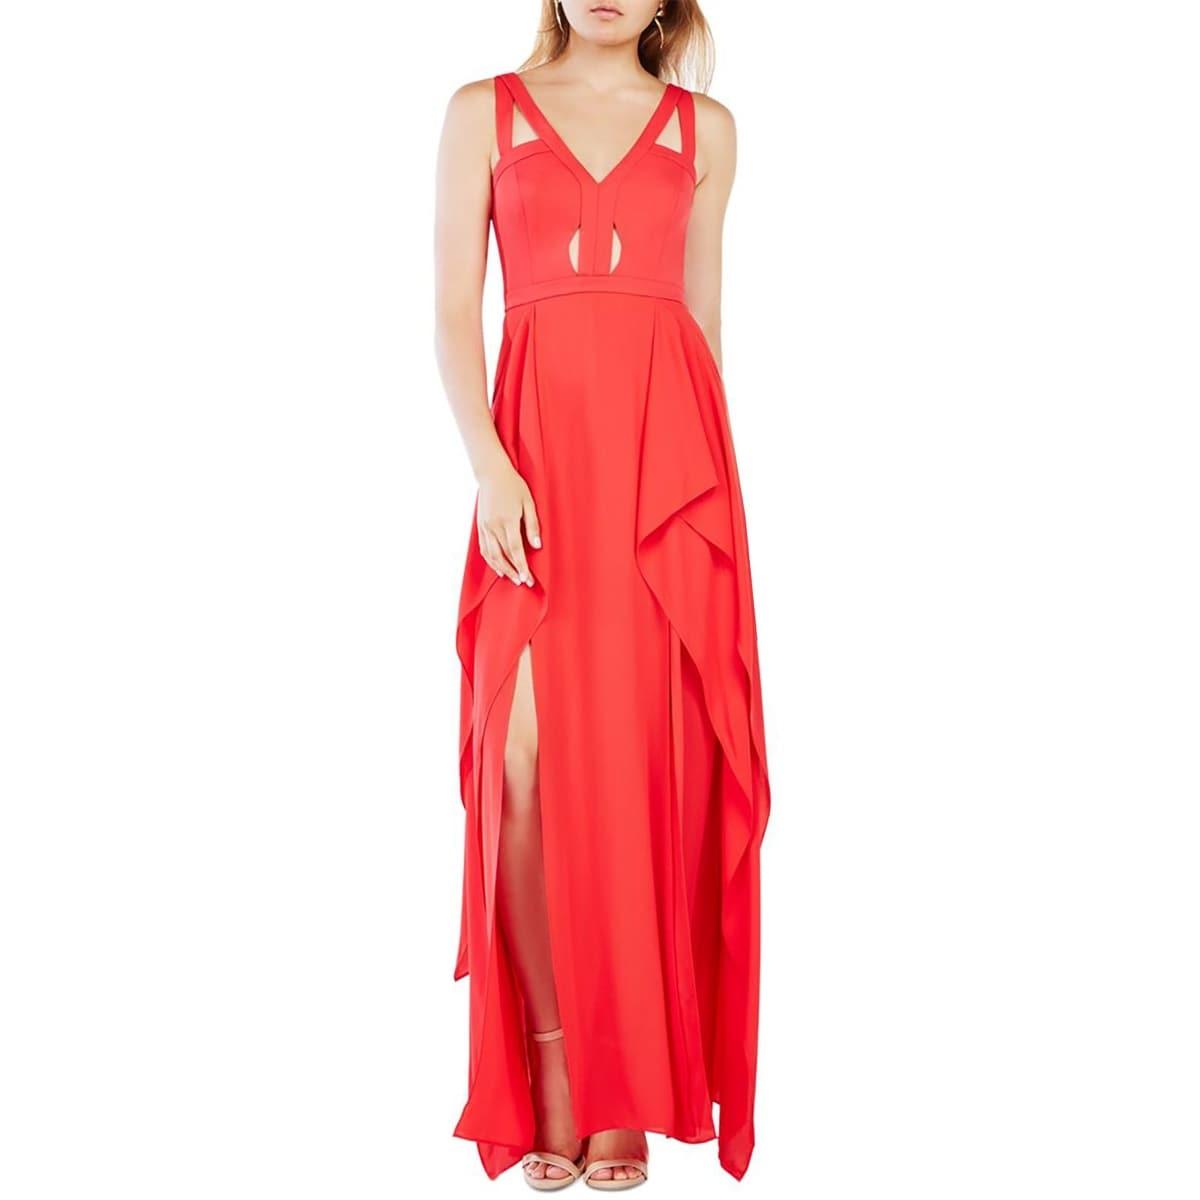 Shop BCBG Max Azria Womens Juliana Evening Dress Woven Cut-Out ...